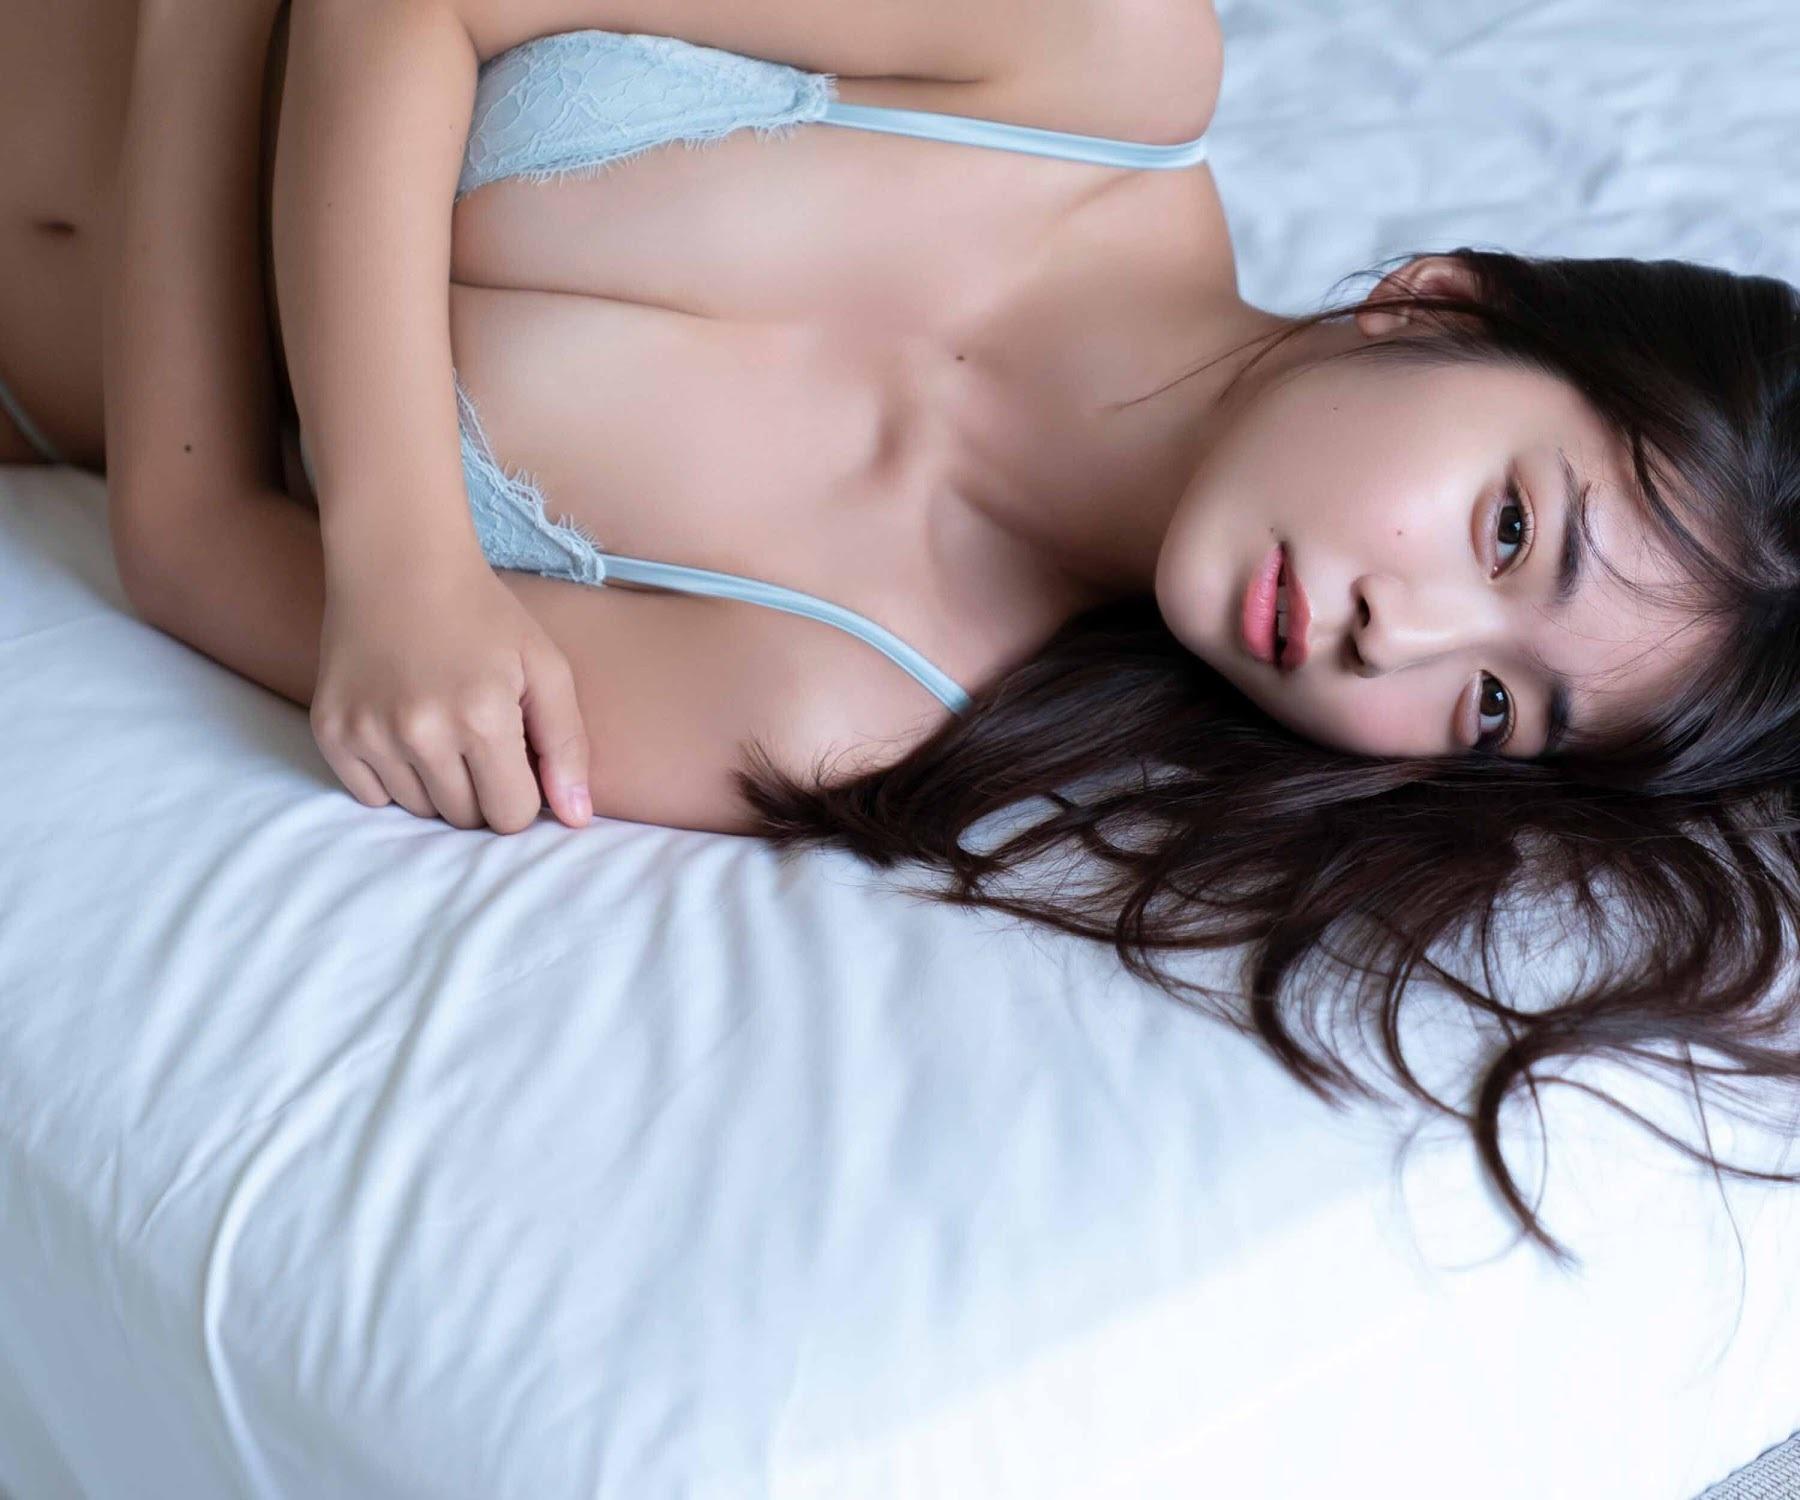 天羽希純67